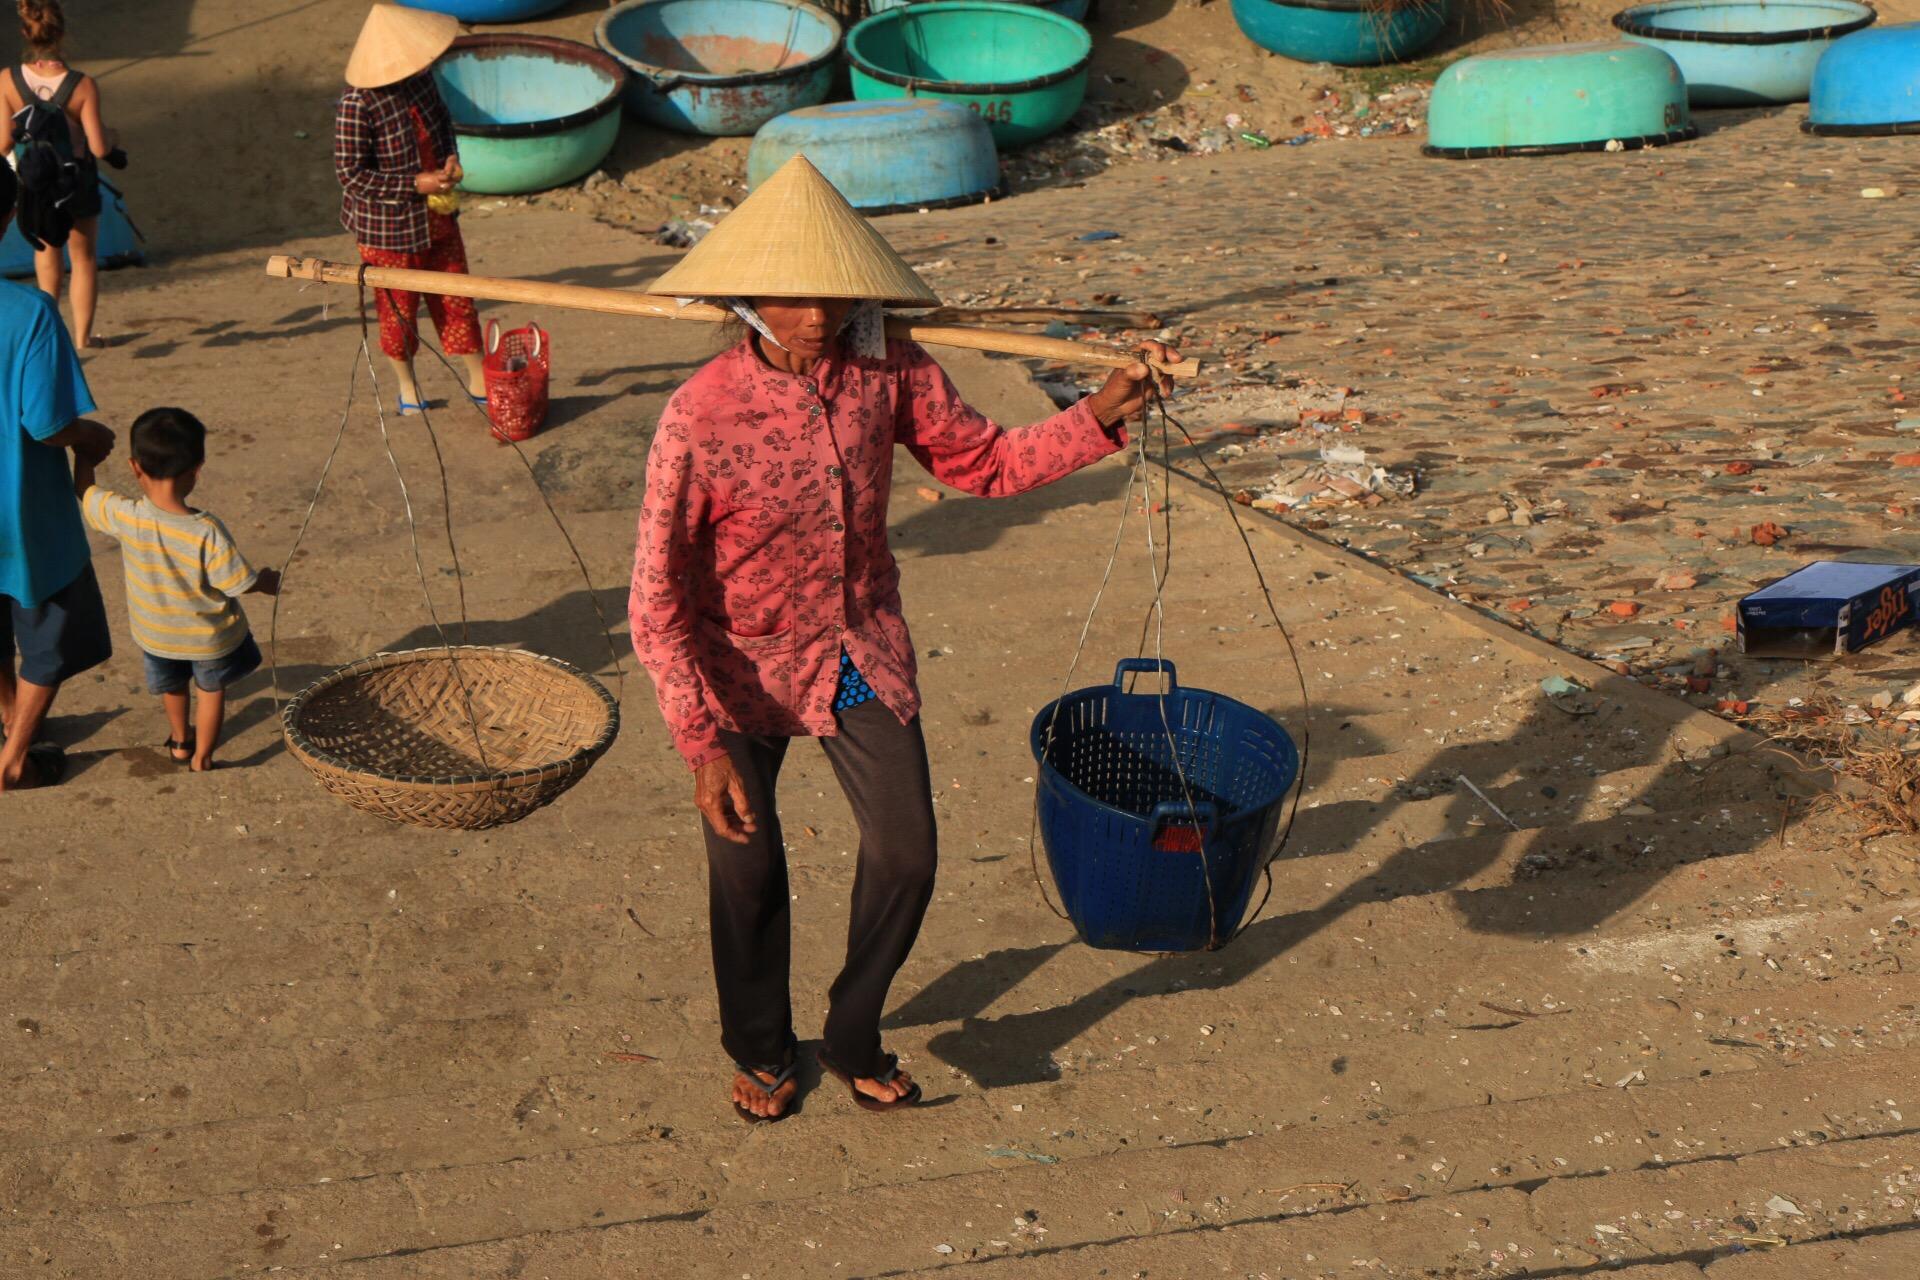 Der spitze Hut und die Tragestange. Das perfekte Symbolbild für Vietnam.